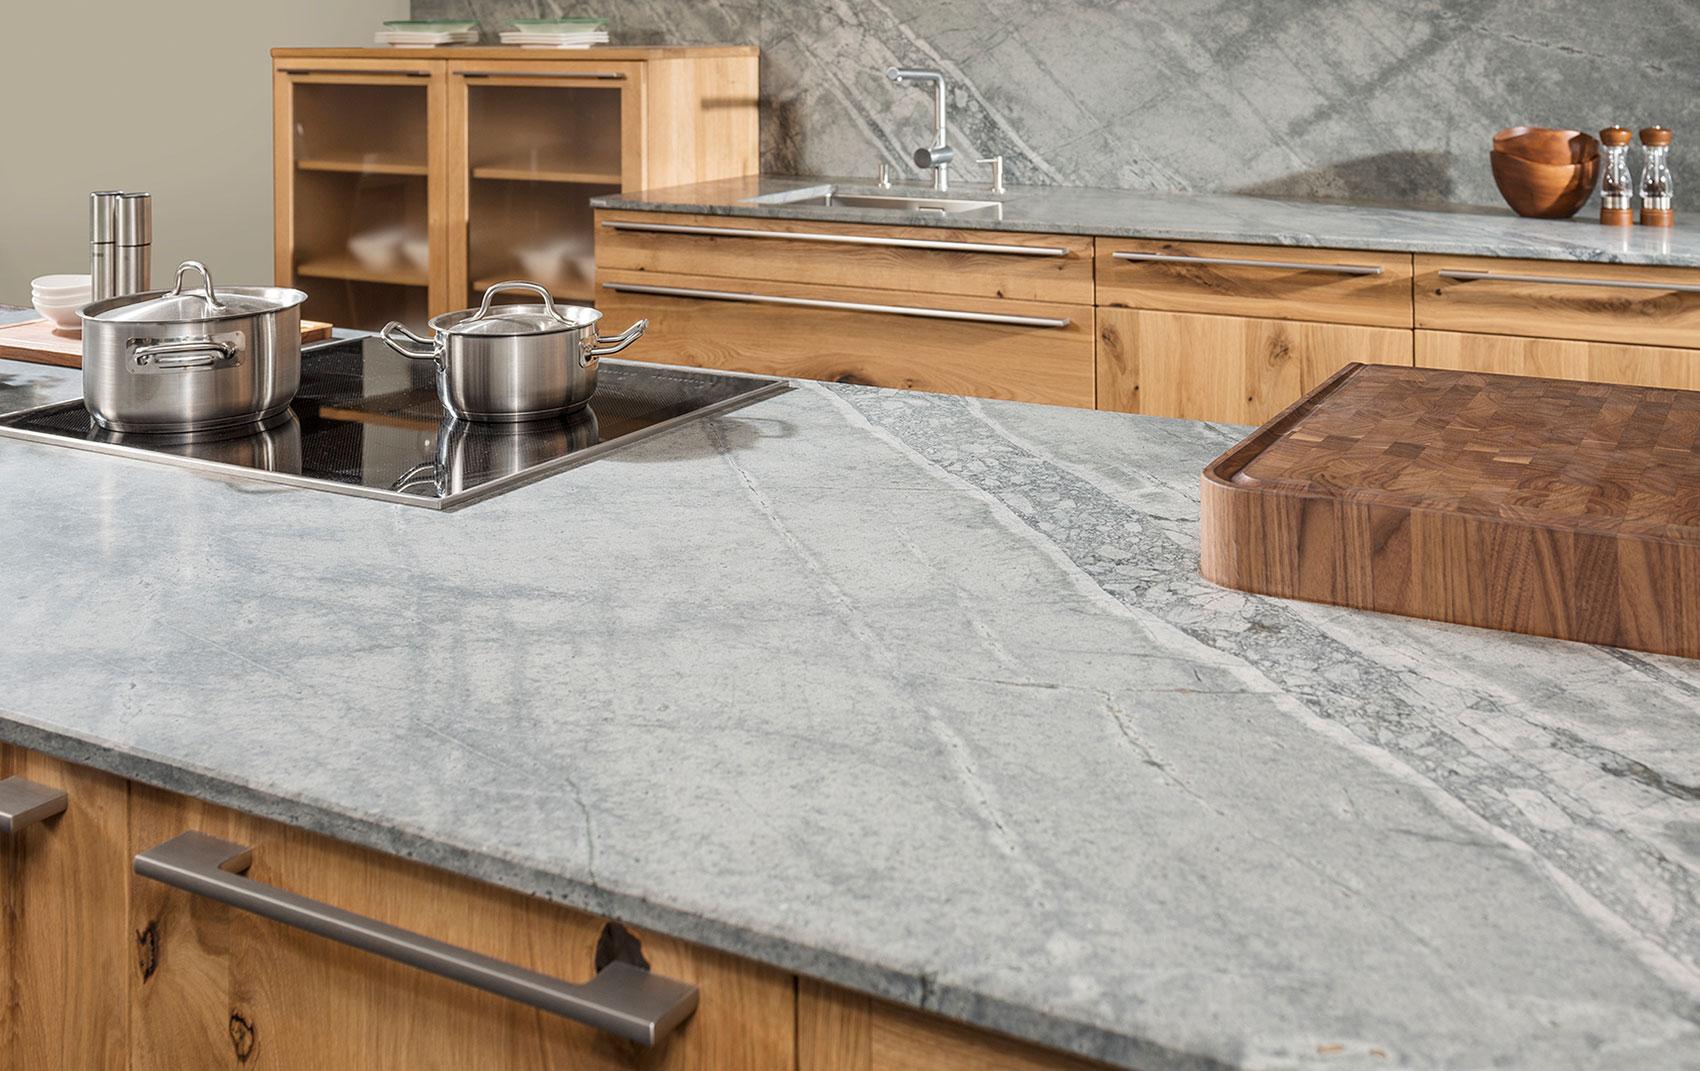 Küchentrend Stein mit Holz | Strasser-Steine